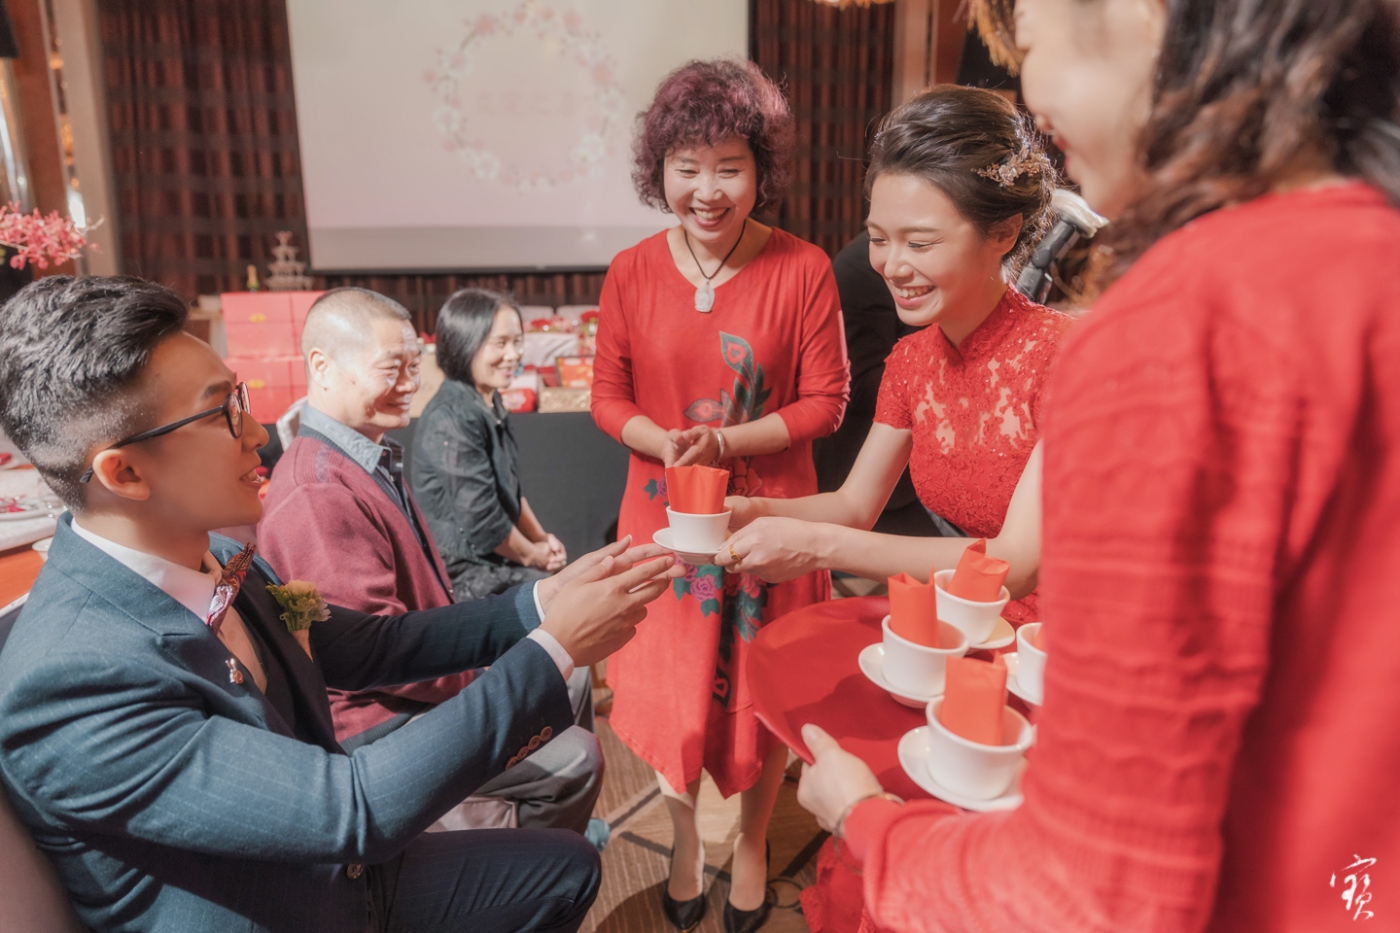 婚禮攝影 婚紗 大直 典華 冬半影像 攝影師大寶 北部攝影 台北攝影 桃園攝影 新竹攝影20181208-123